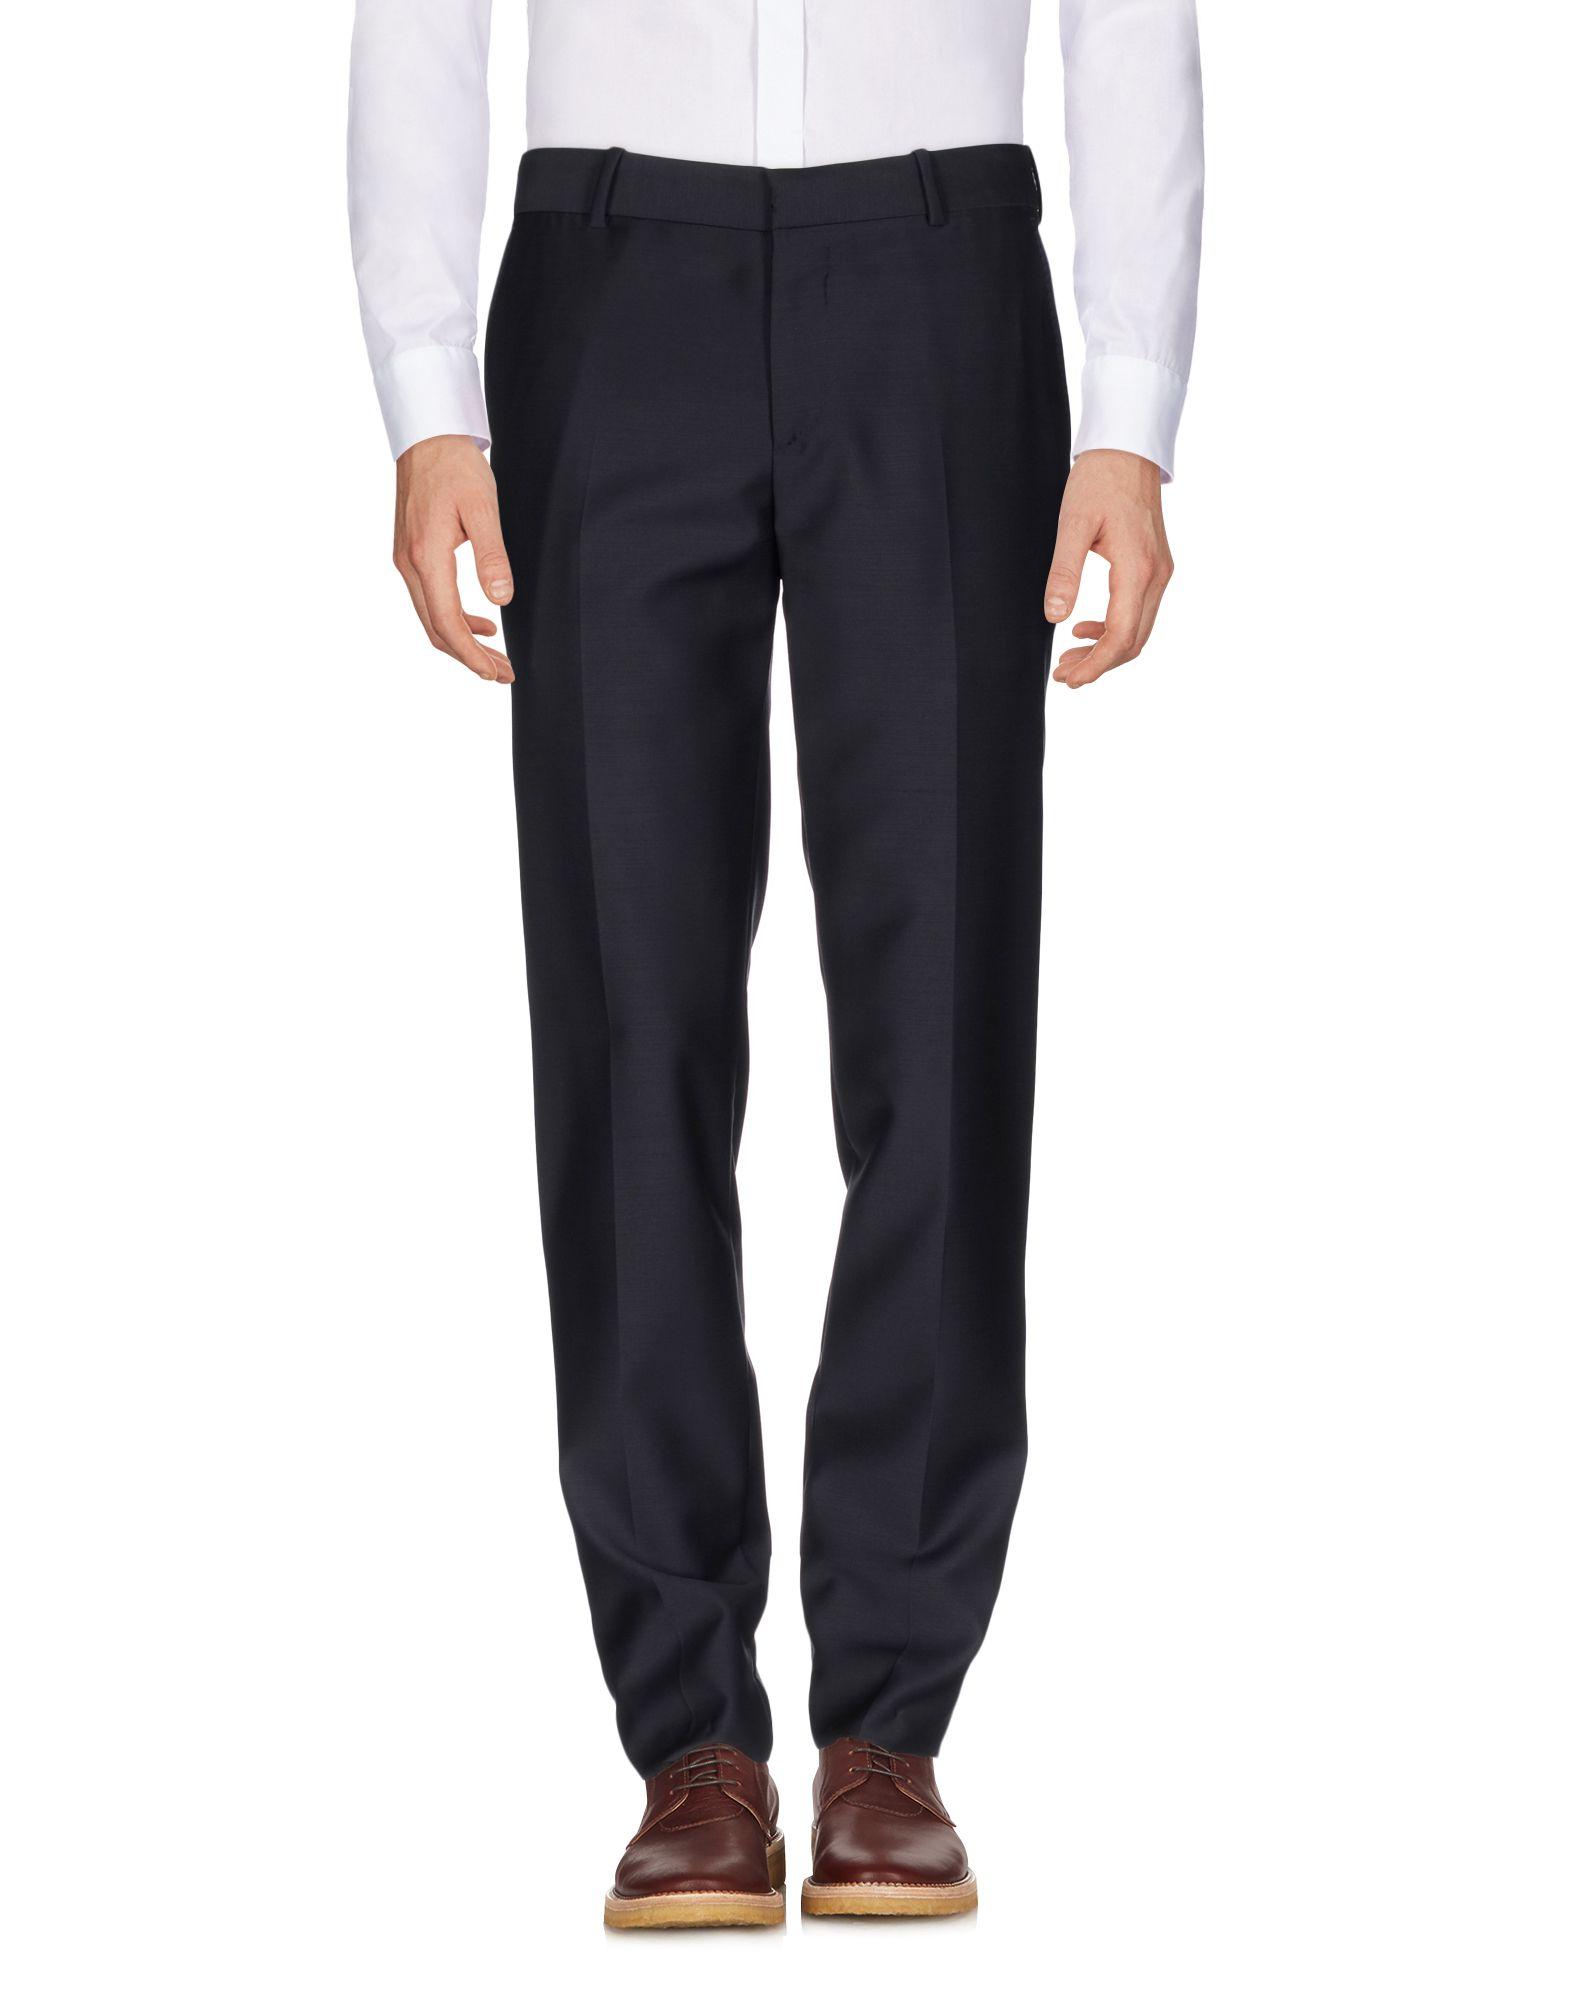 Pantalone Alexander Mcqueen Uomo - Acquista online su